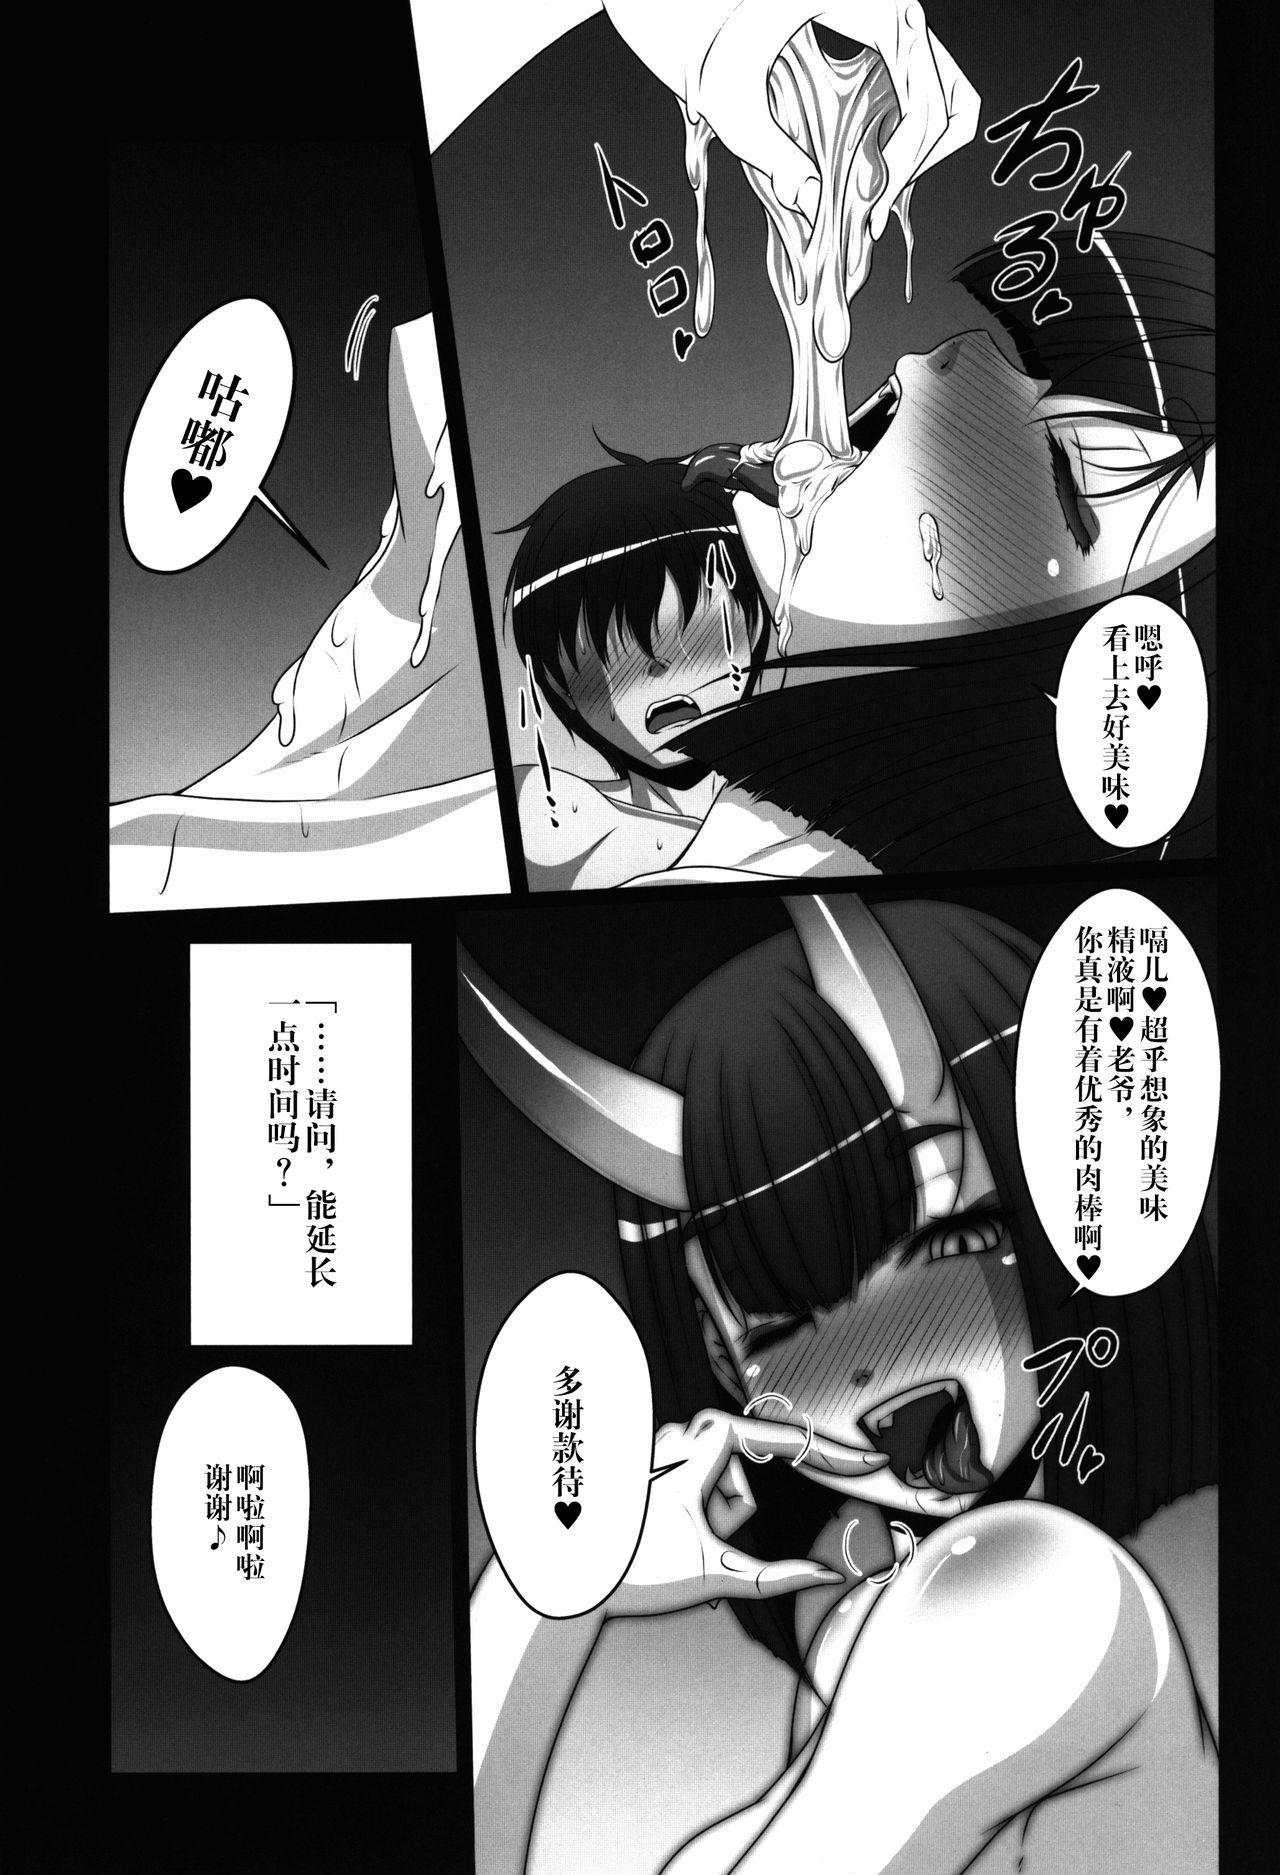 HOBBY'S BLOCK!! 26 Shuten DeliHeal Hon Shuten Yuujo Shunga Emaki 12